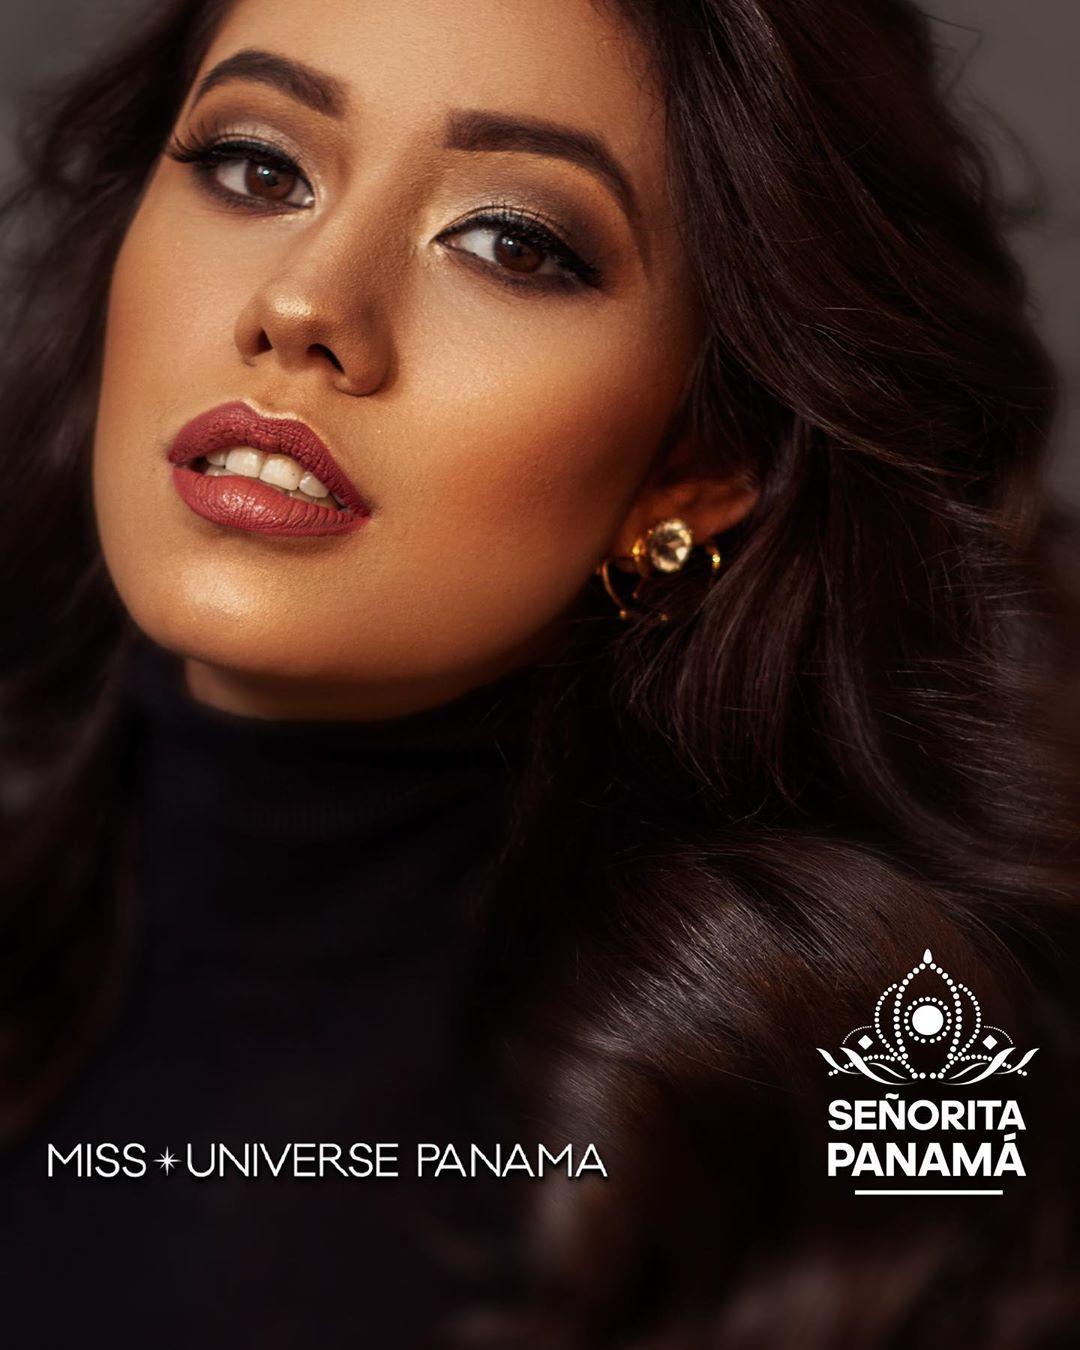 candidatas a senorita panama 2020. final: 16 may. IiGpUR